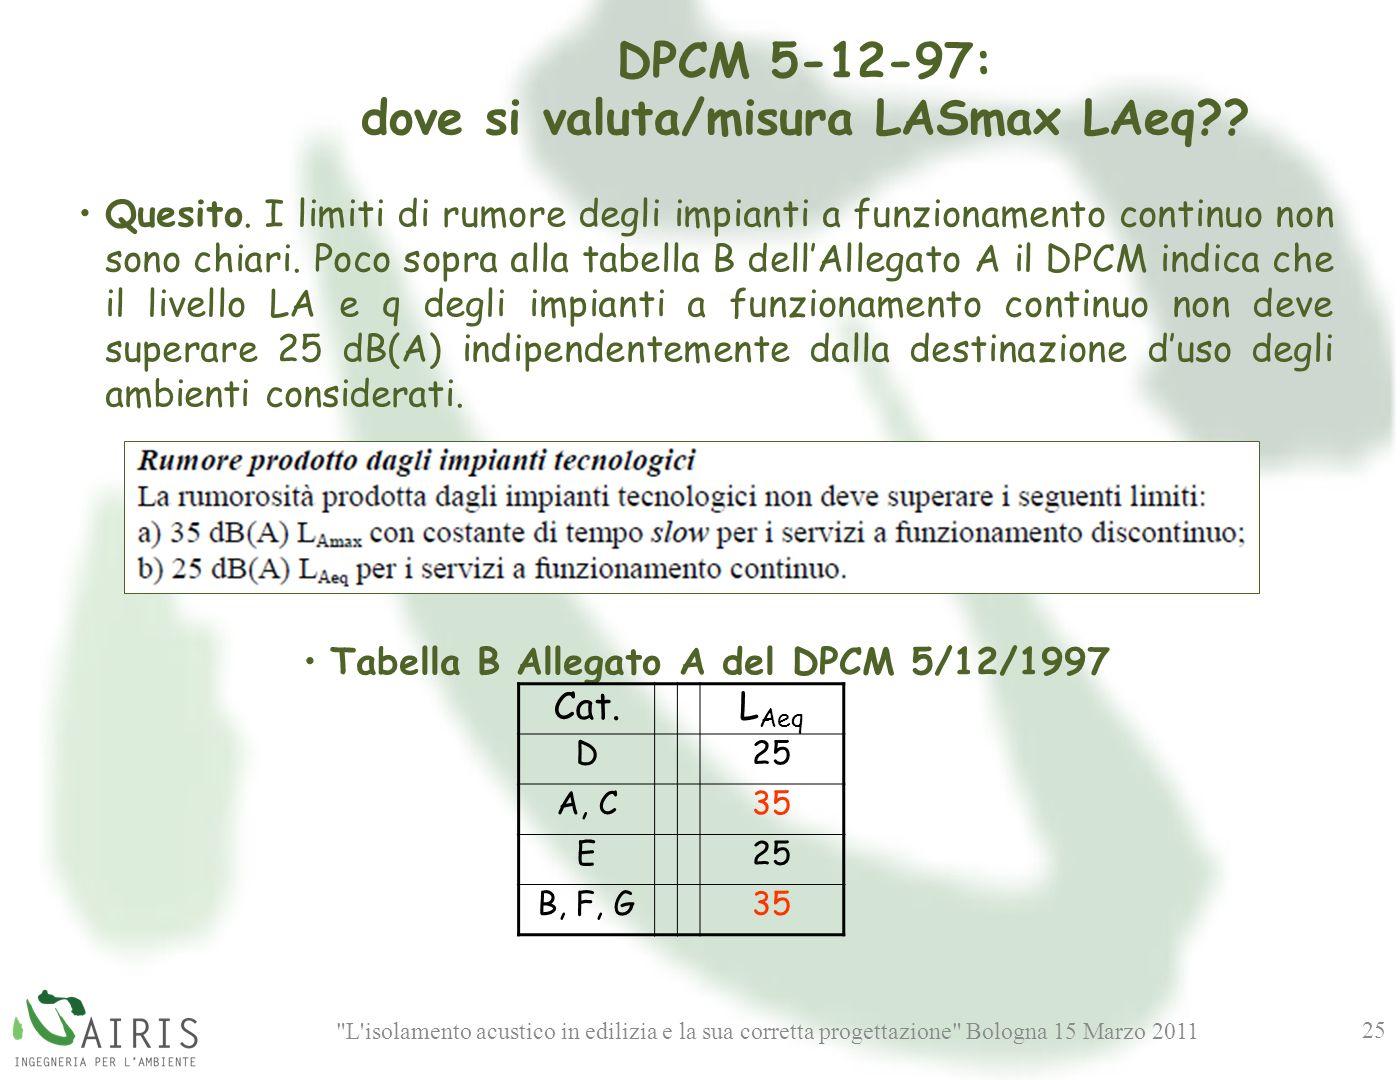 L isolamento acustico in edilizia e la sua corretta progettazione Bologna 15 Marzo 2011 25 DPCM 5-12-97: dove si valuta/misura LASmax LAeq?.